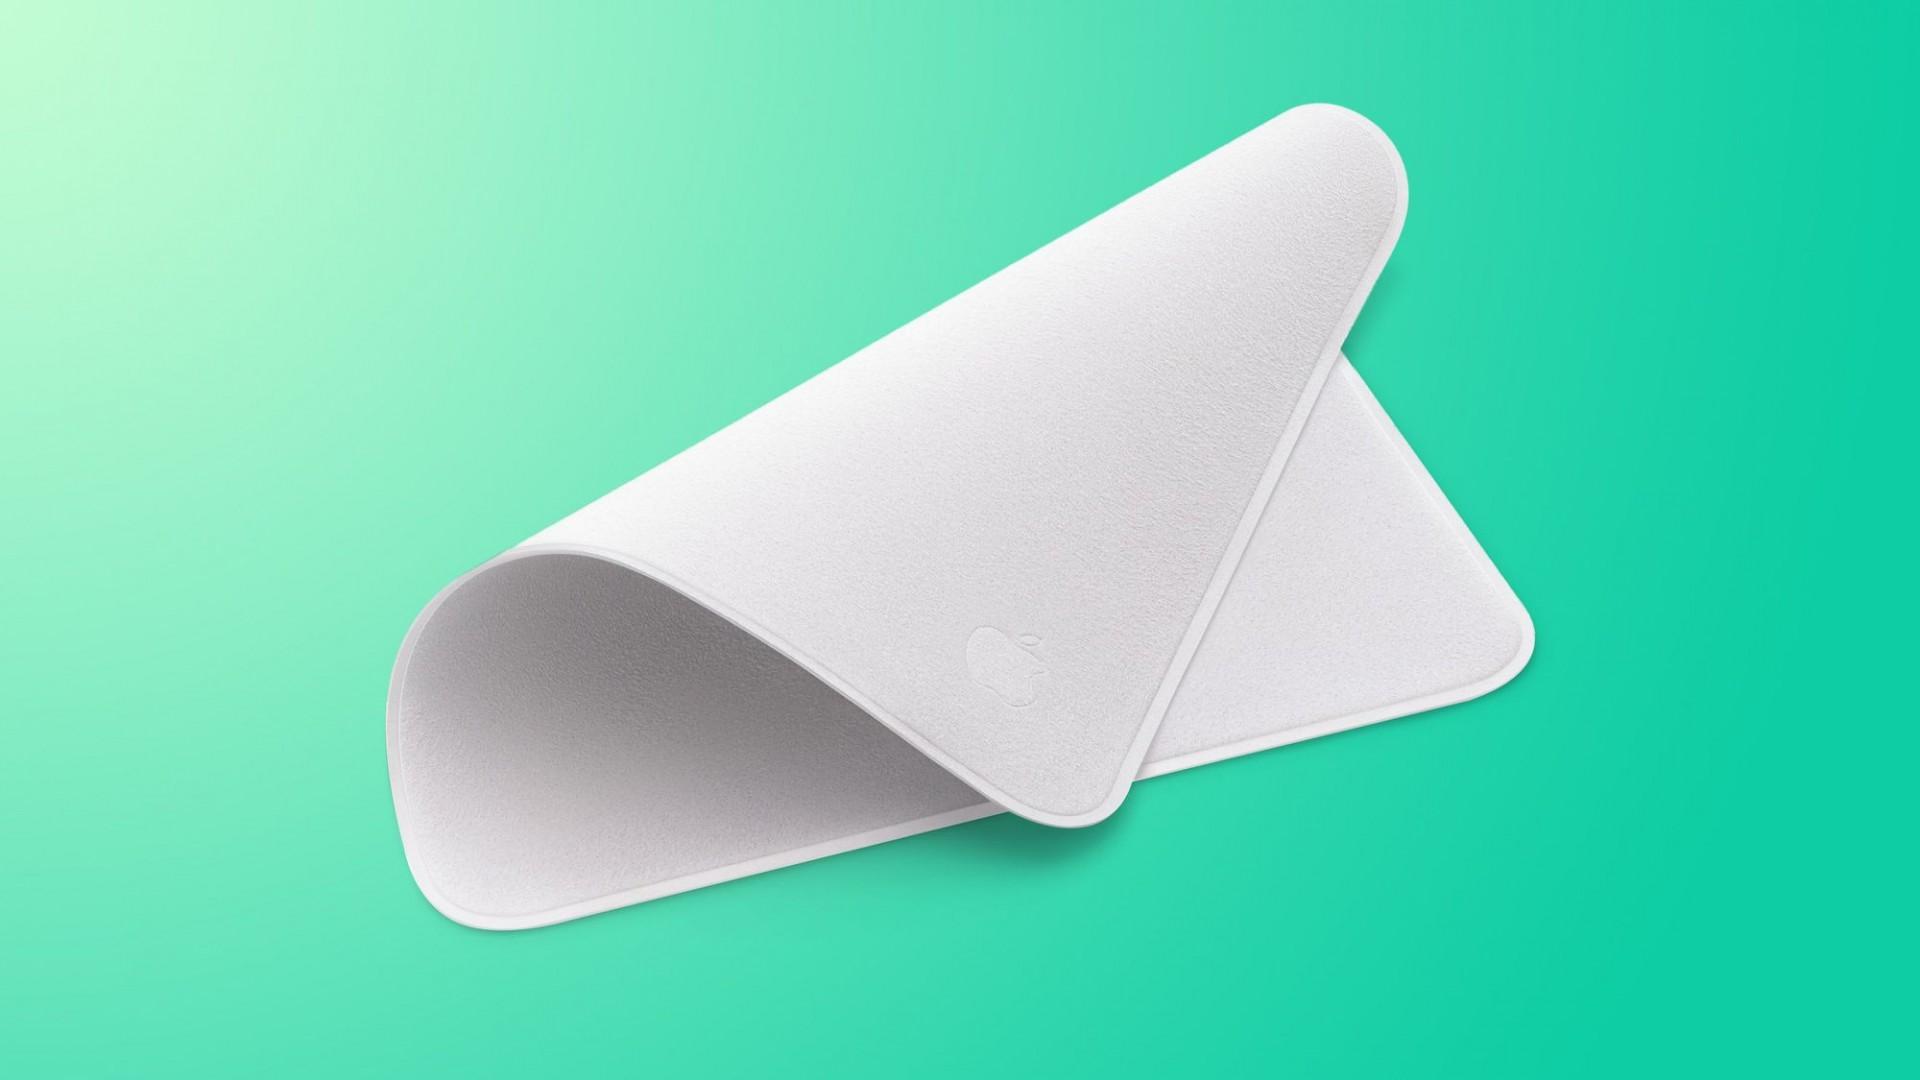 На салфетку Apple выстроилась очередь iPhone нервно курит в сторонке